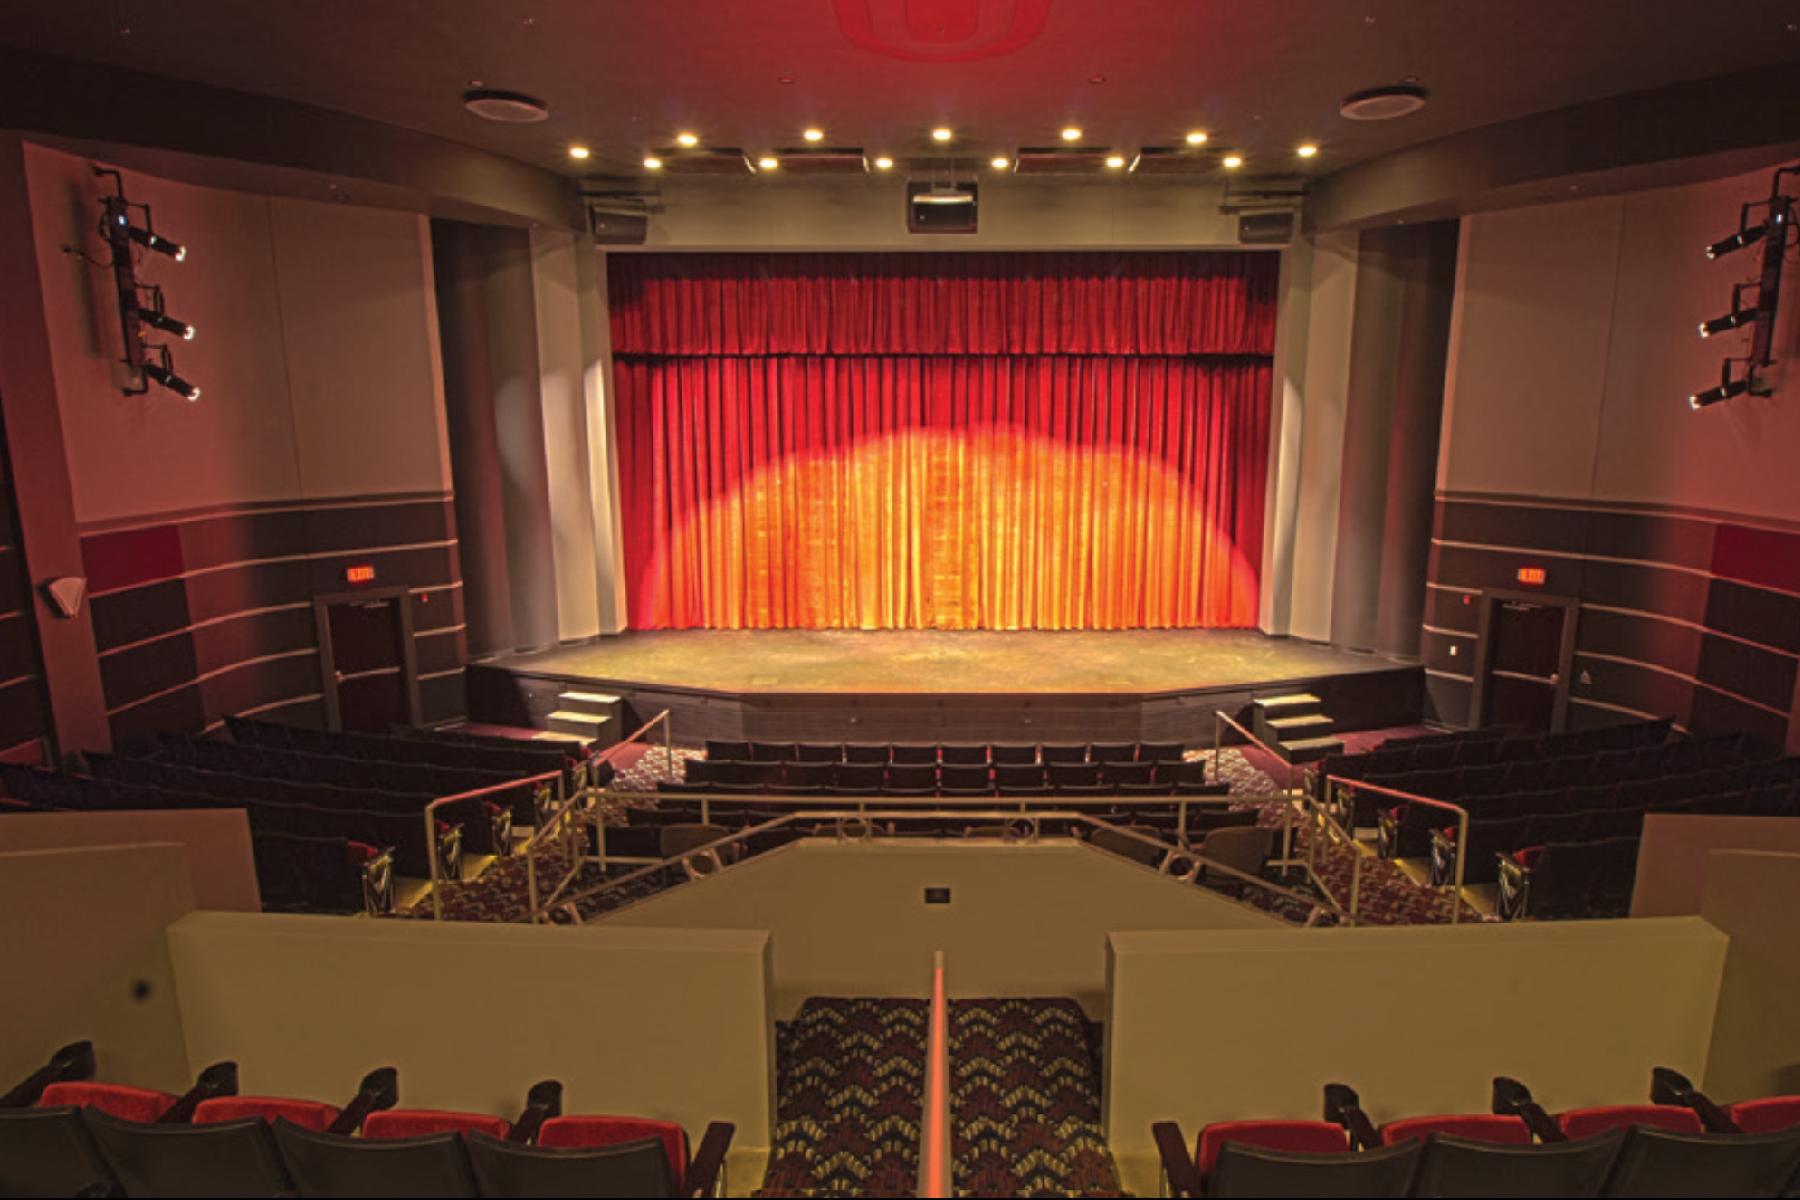 Princeton Theatre auditorium